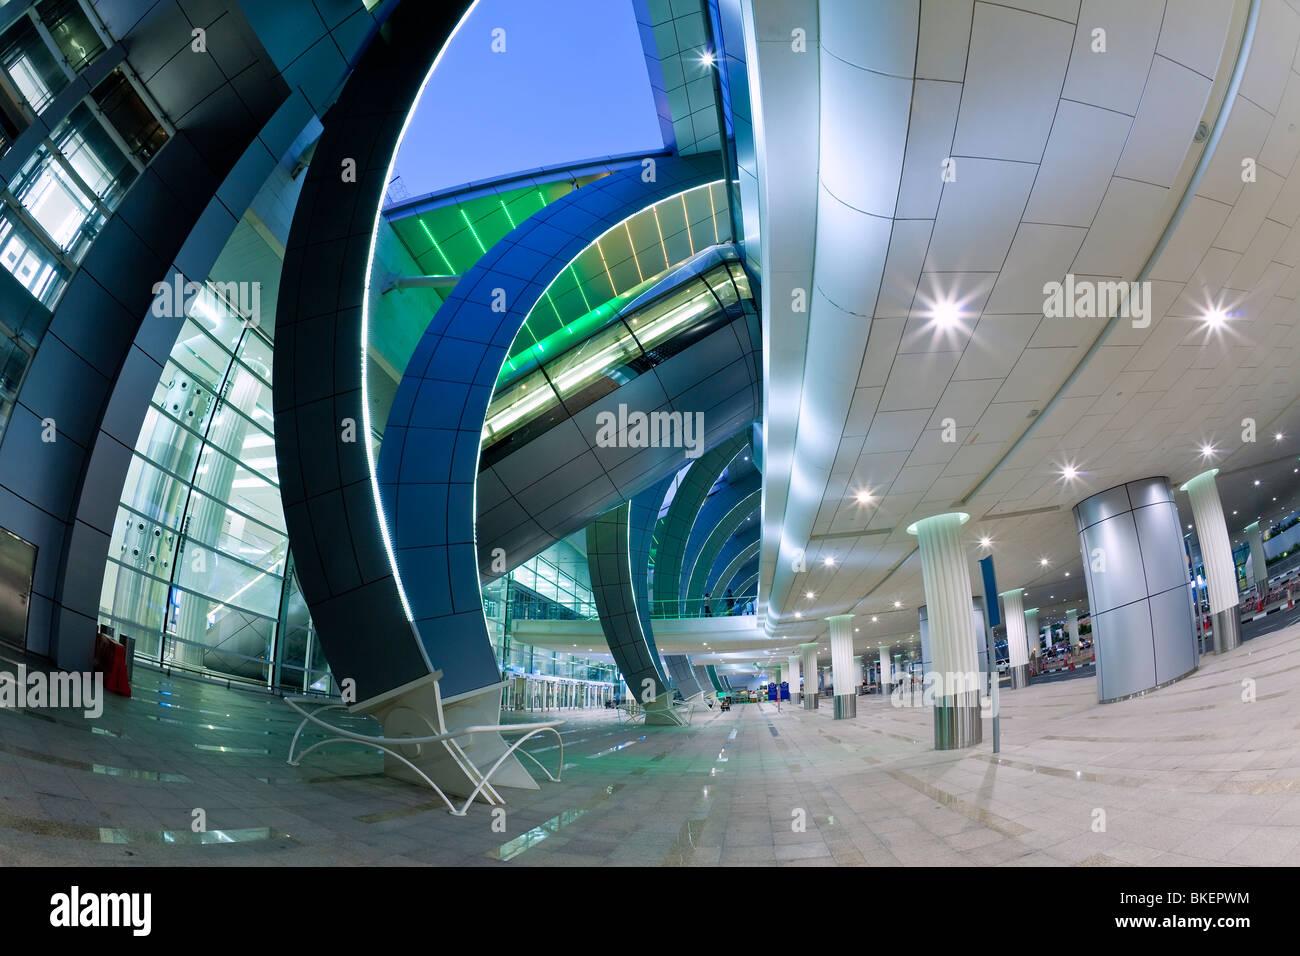 Elegante e moderna architettura del 2010 ha aperto il terminale 3 dell'Aeroporto Internazionale di Dubai, Dubai, Immagini Stock